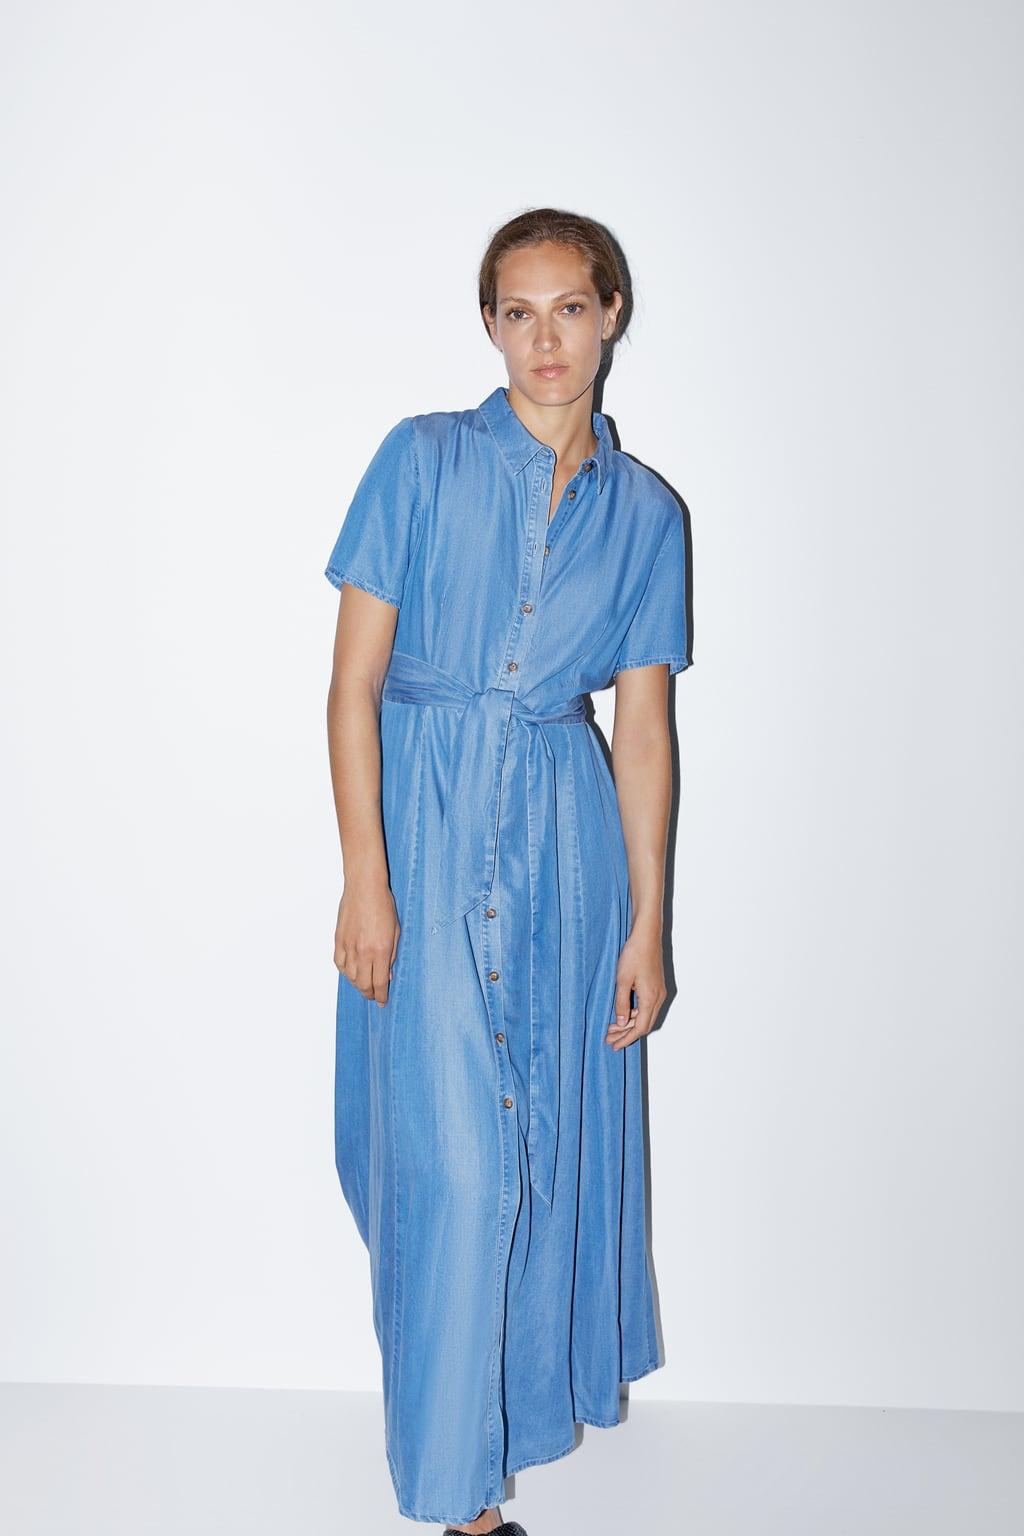 Este es el vestido de Zara de menos de 40 euros que ha